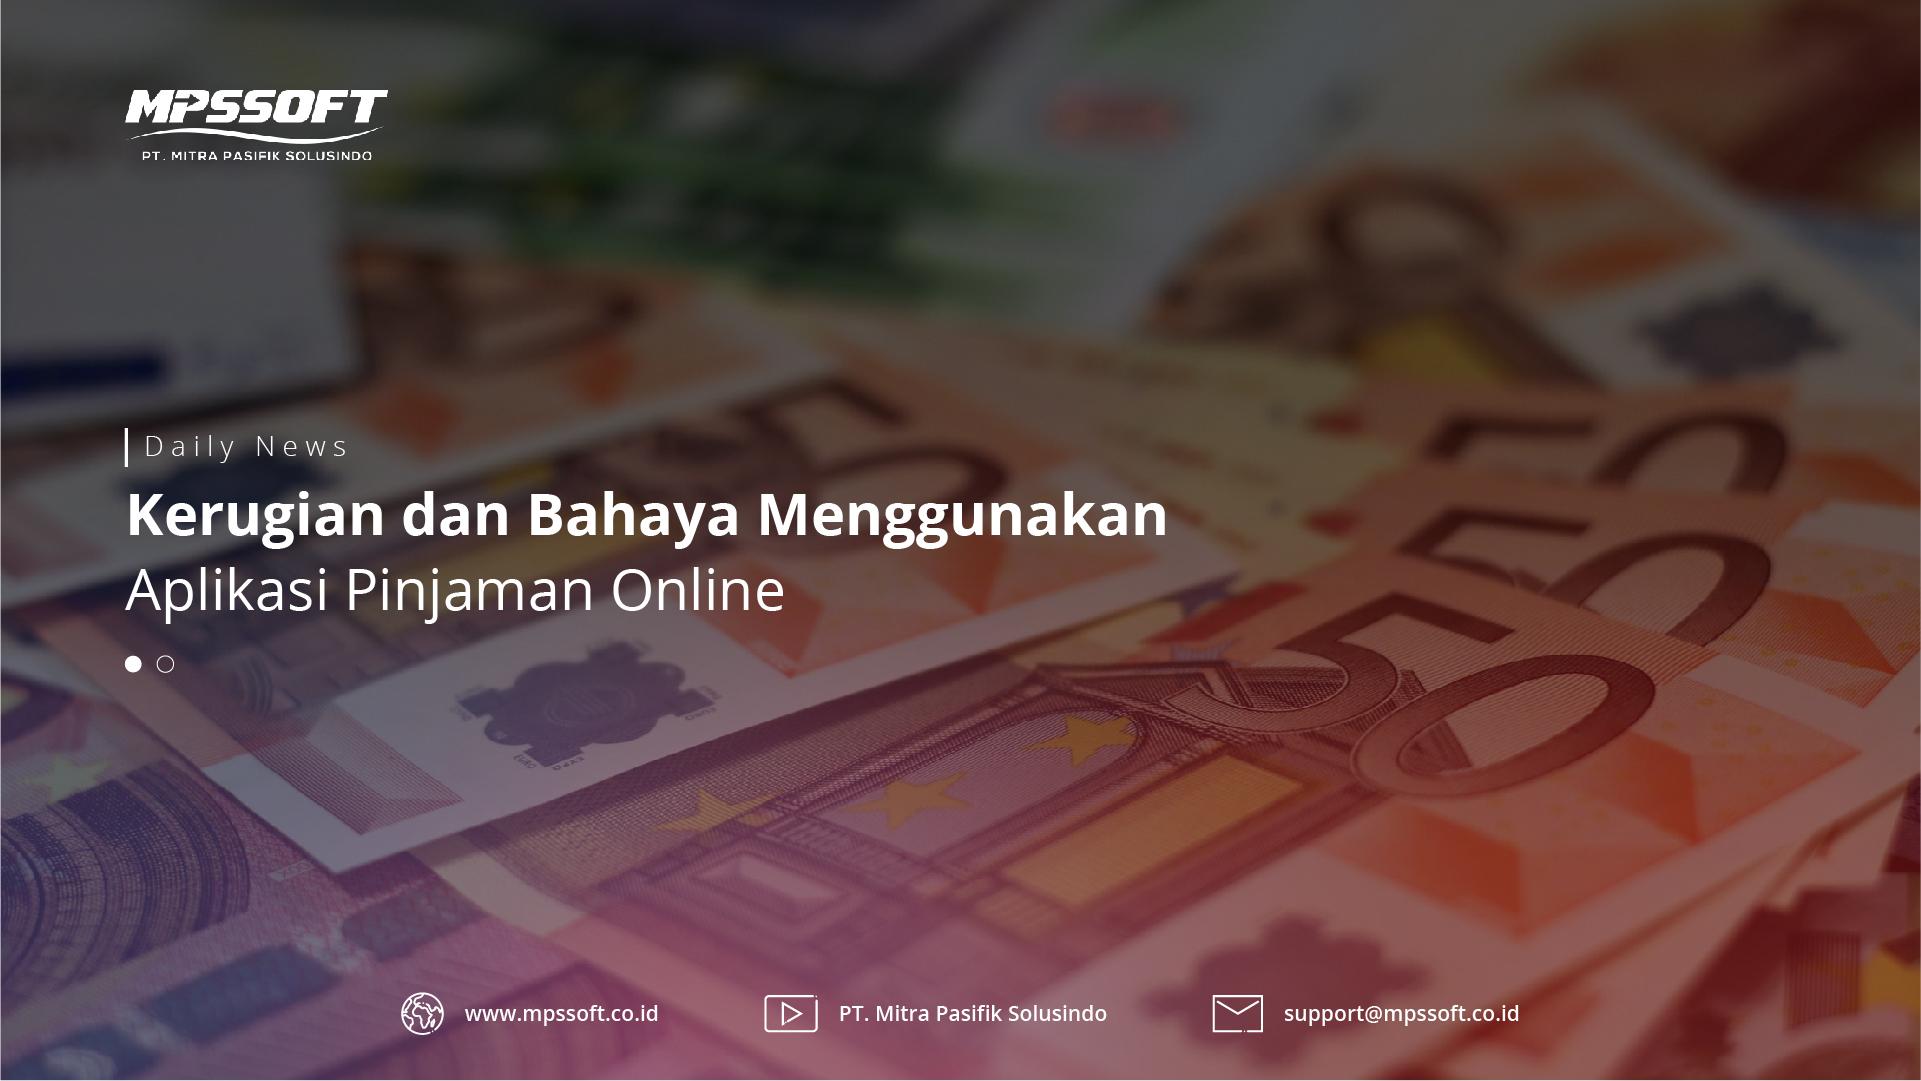 Kerugian dan bahaya menggunakan aplikasi pinjaman online